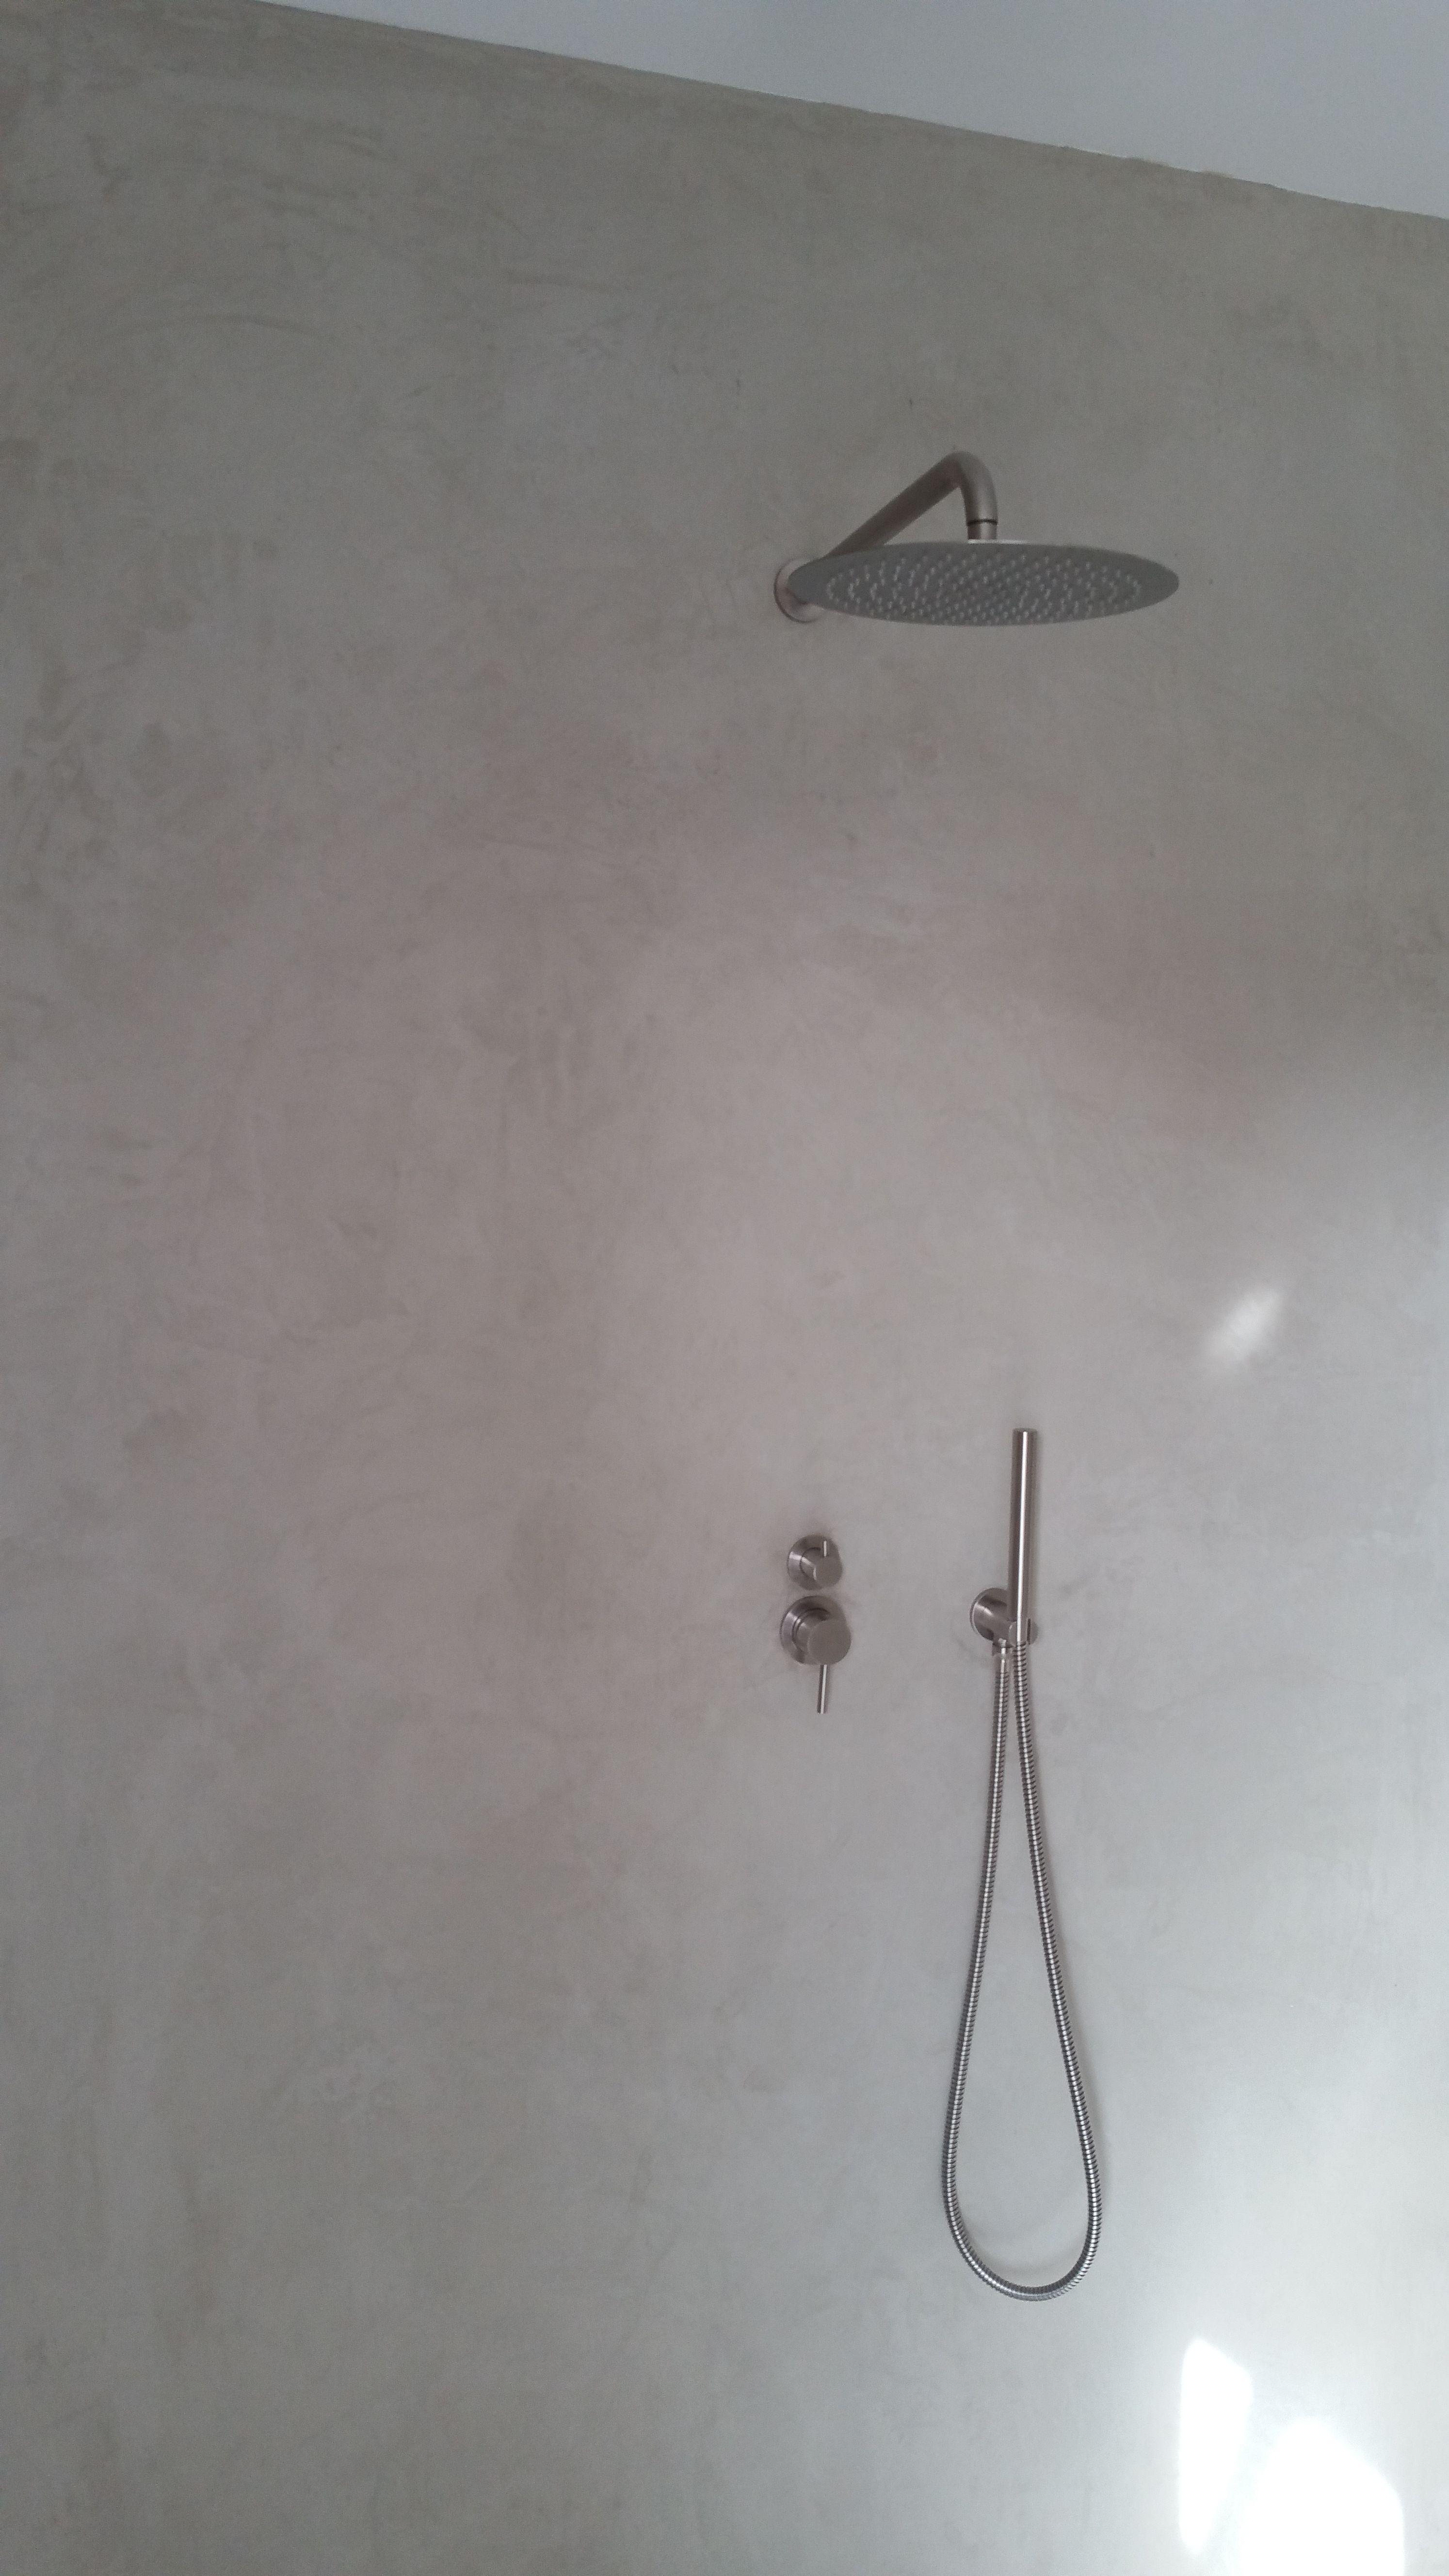 Mikrozement - Bad ohne Fliesen sogar im Duschbereich. Auf der suche ...